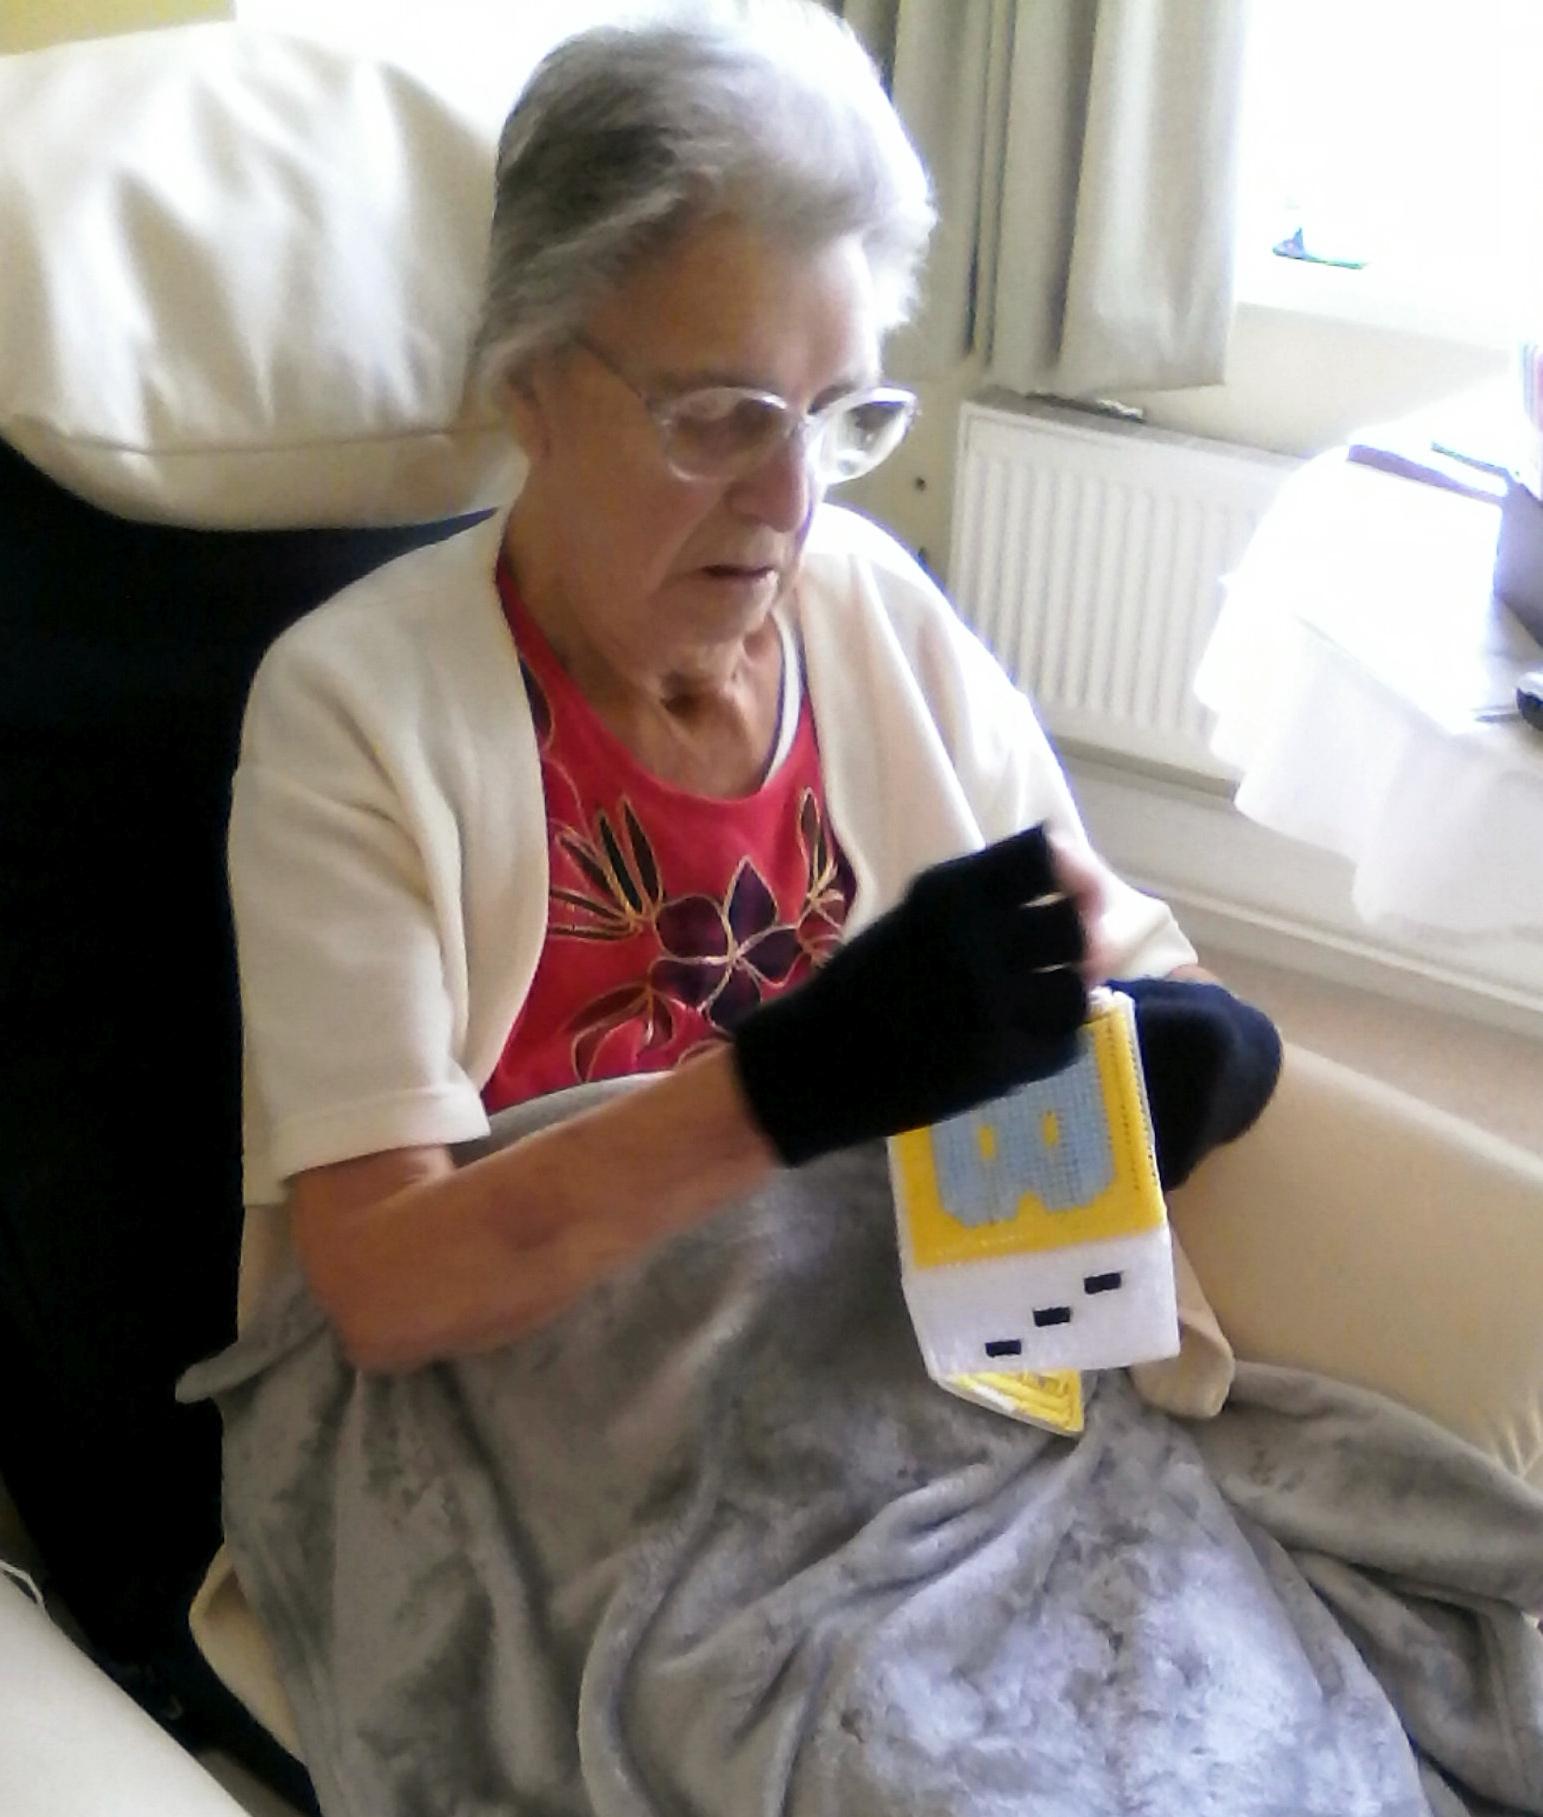 O bătrânică de 88 de ani a crezut că mai are câteva luni de trăit, așa că a început să croșeteze în așteptarea morții. Ce a ieșit